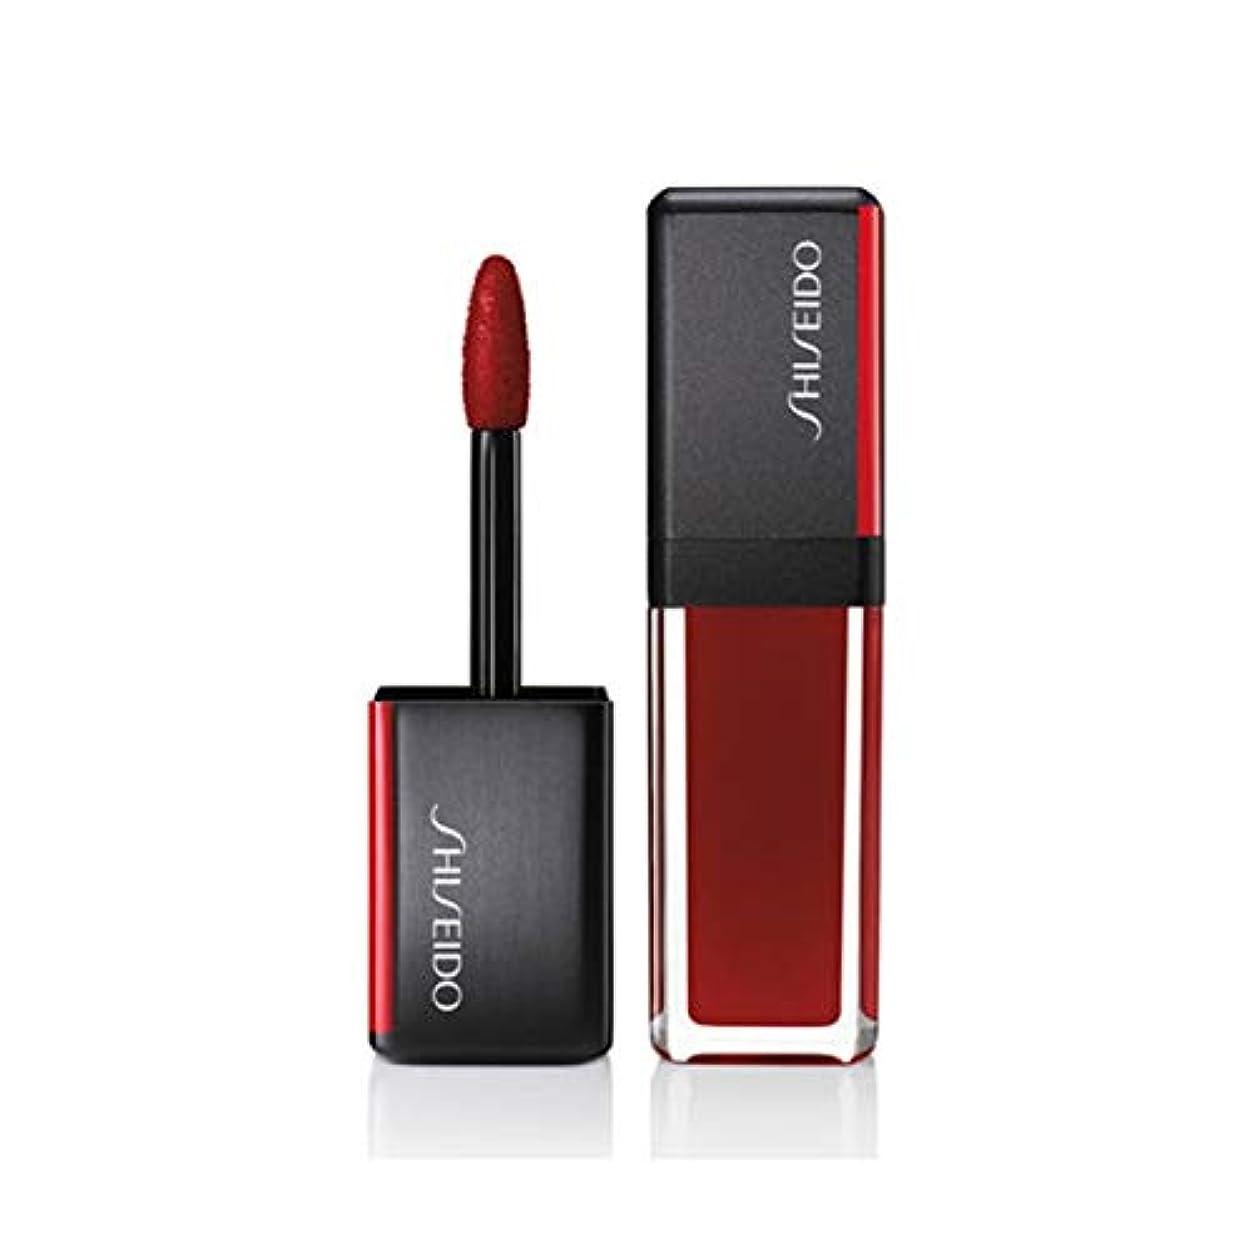 責めるメッシュアクチュエータ資生堂 LacquerInk LipShine - # 307 Scarlet Glare (Scarlet) 6ml/0.2oz並行輸入品